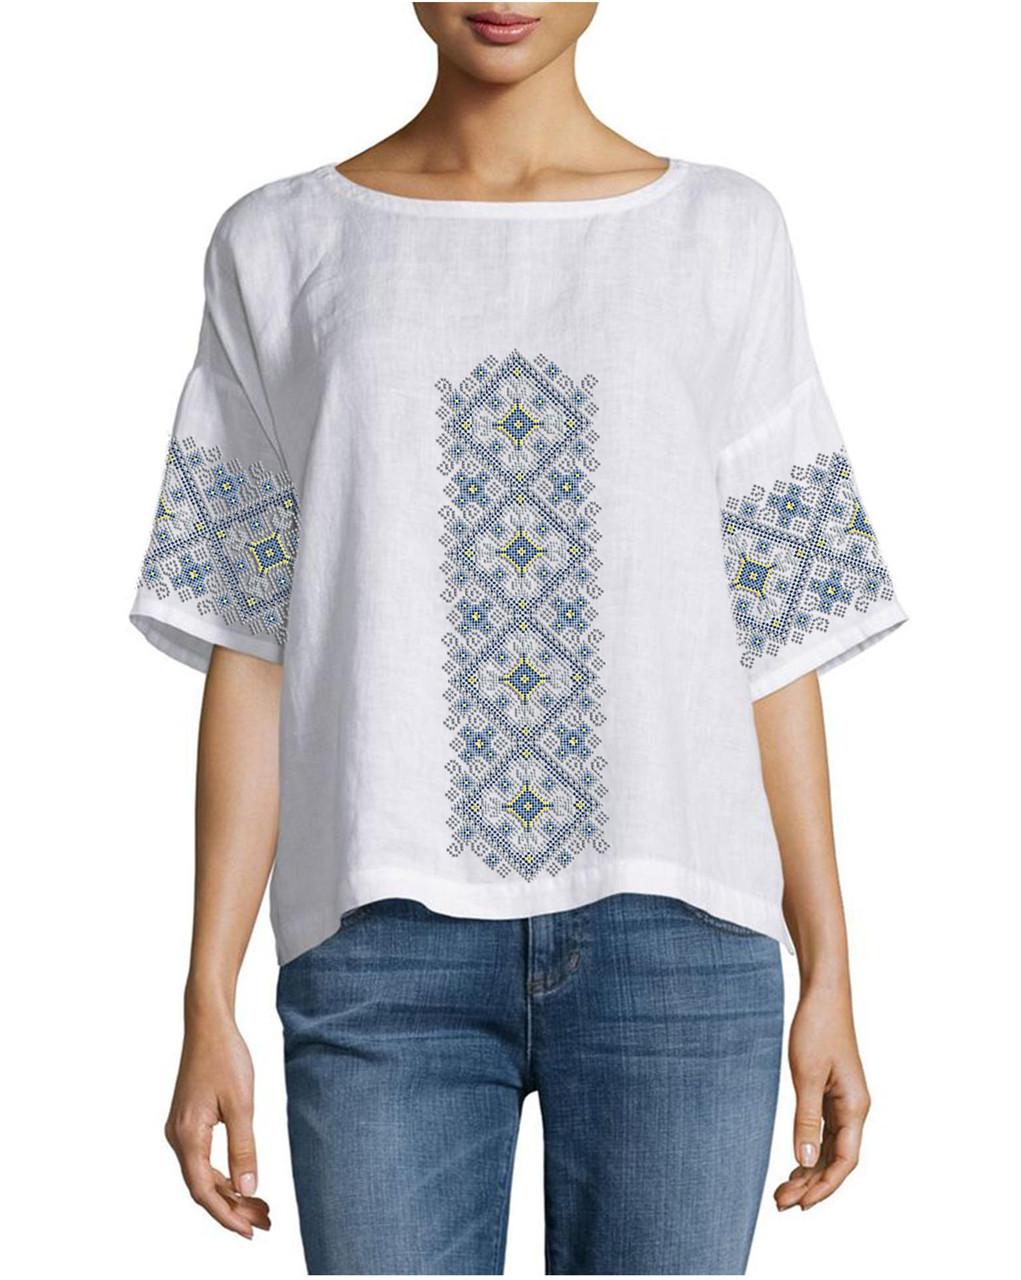 Заготовка вышиванки женской сорочки / блузы для вышивки бисером«Орнамент 95»